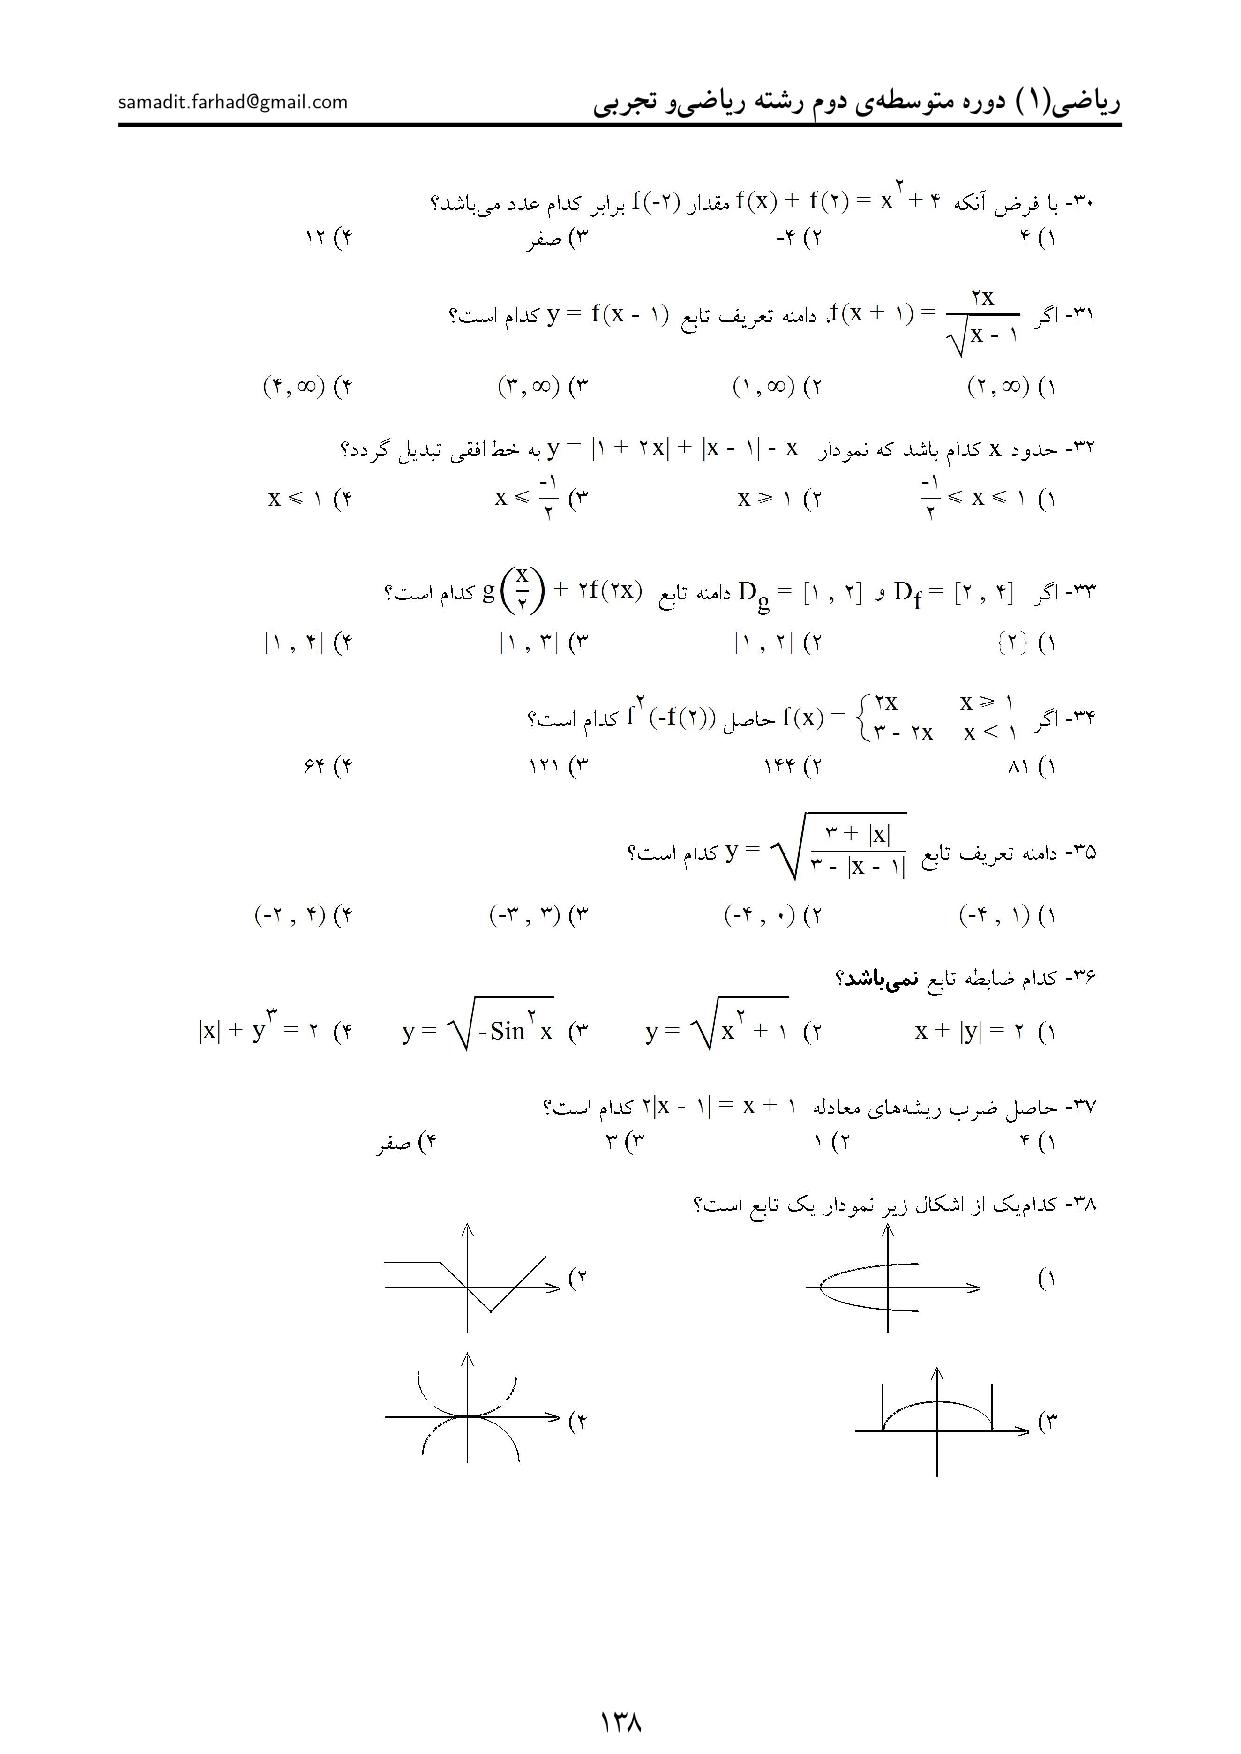 جزوه ریاضی دهم